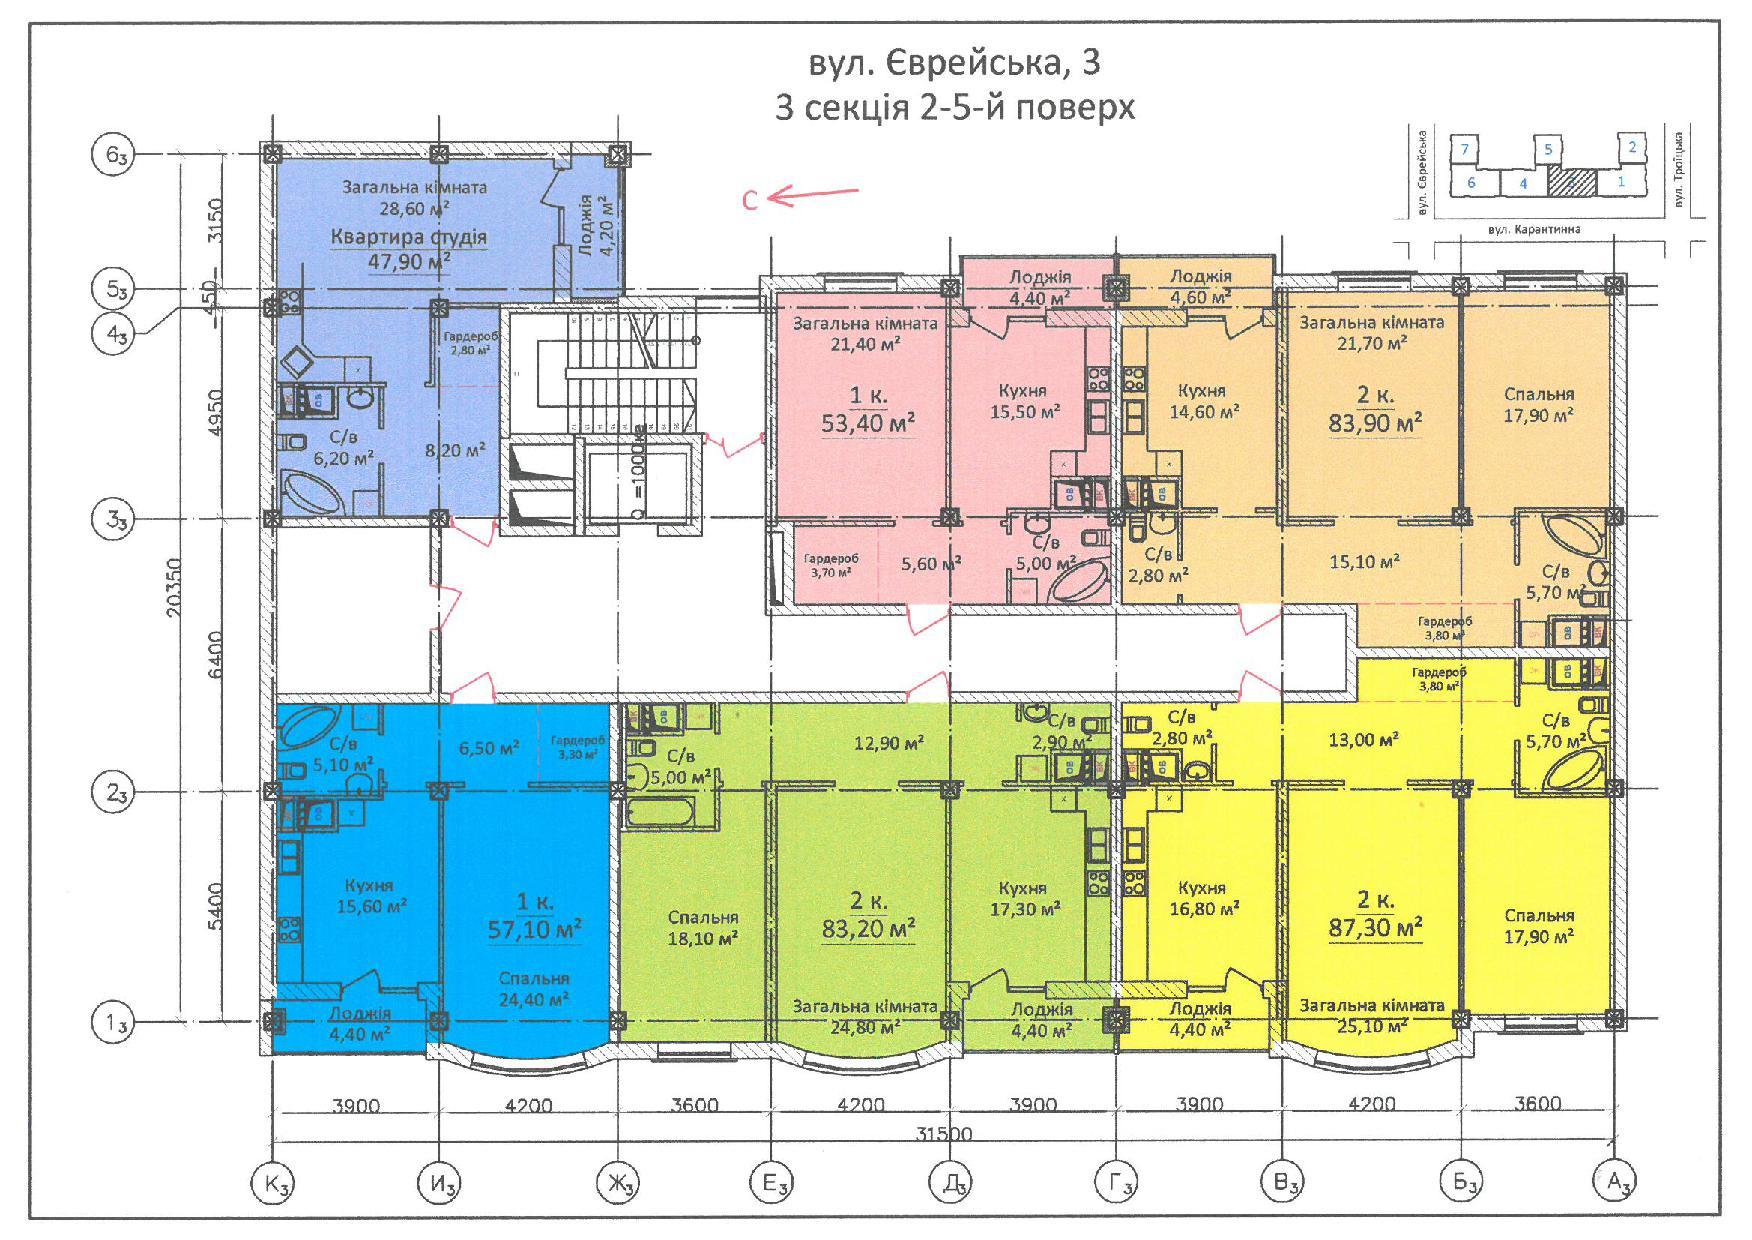 ЖК Дом на Еврейской (Чайная фабрика Будова) / Секция 3 / 2-5 этажи